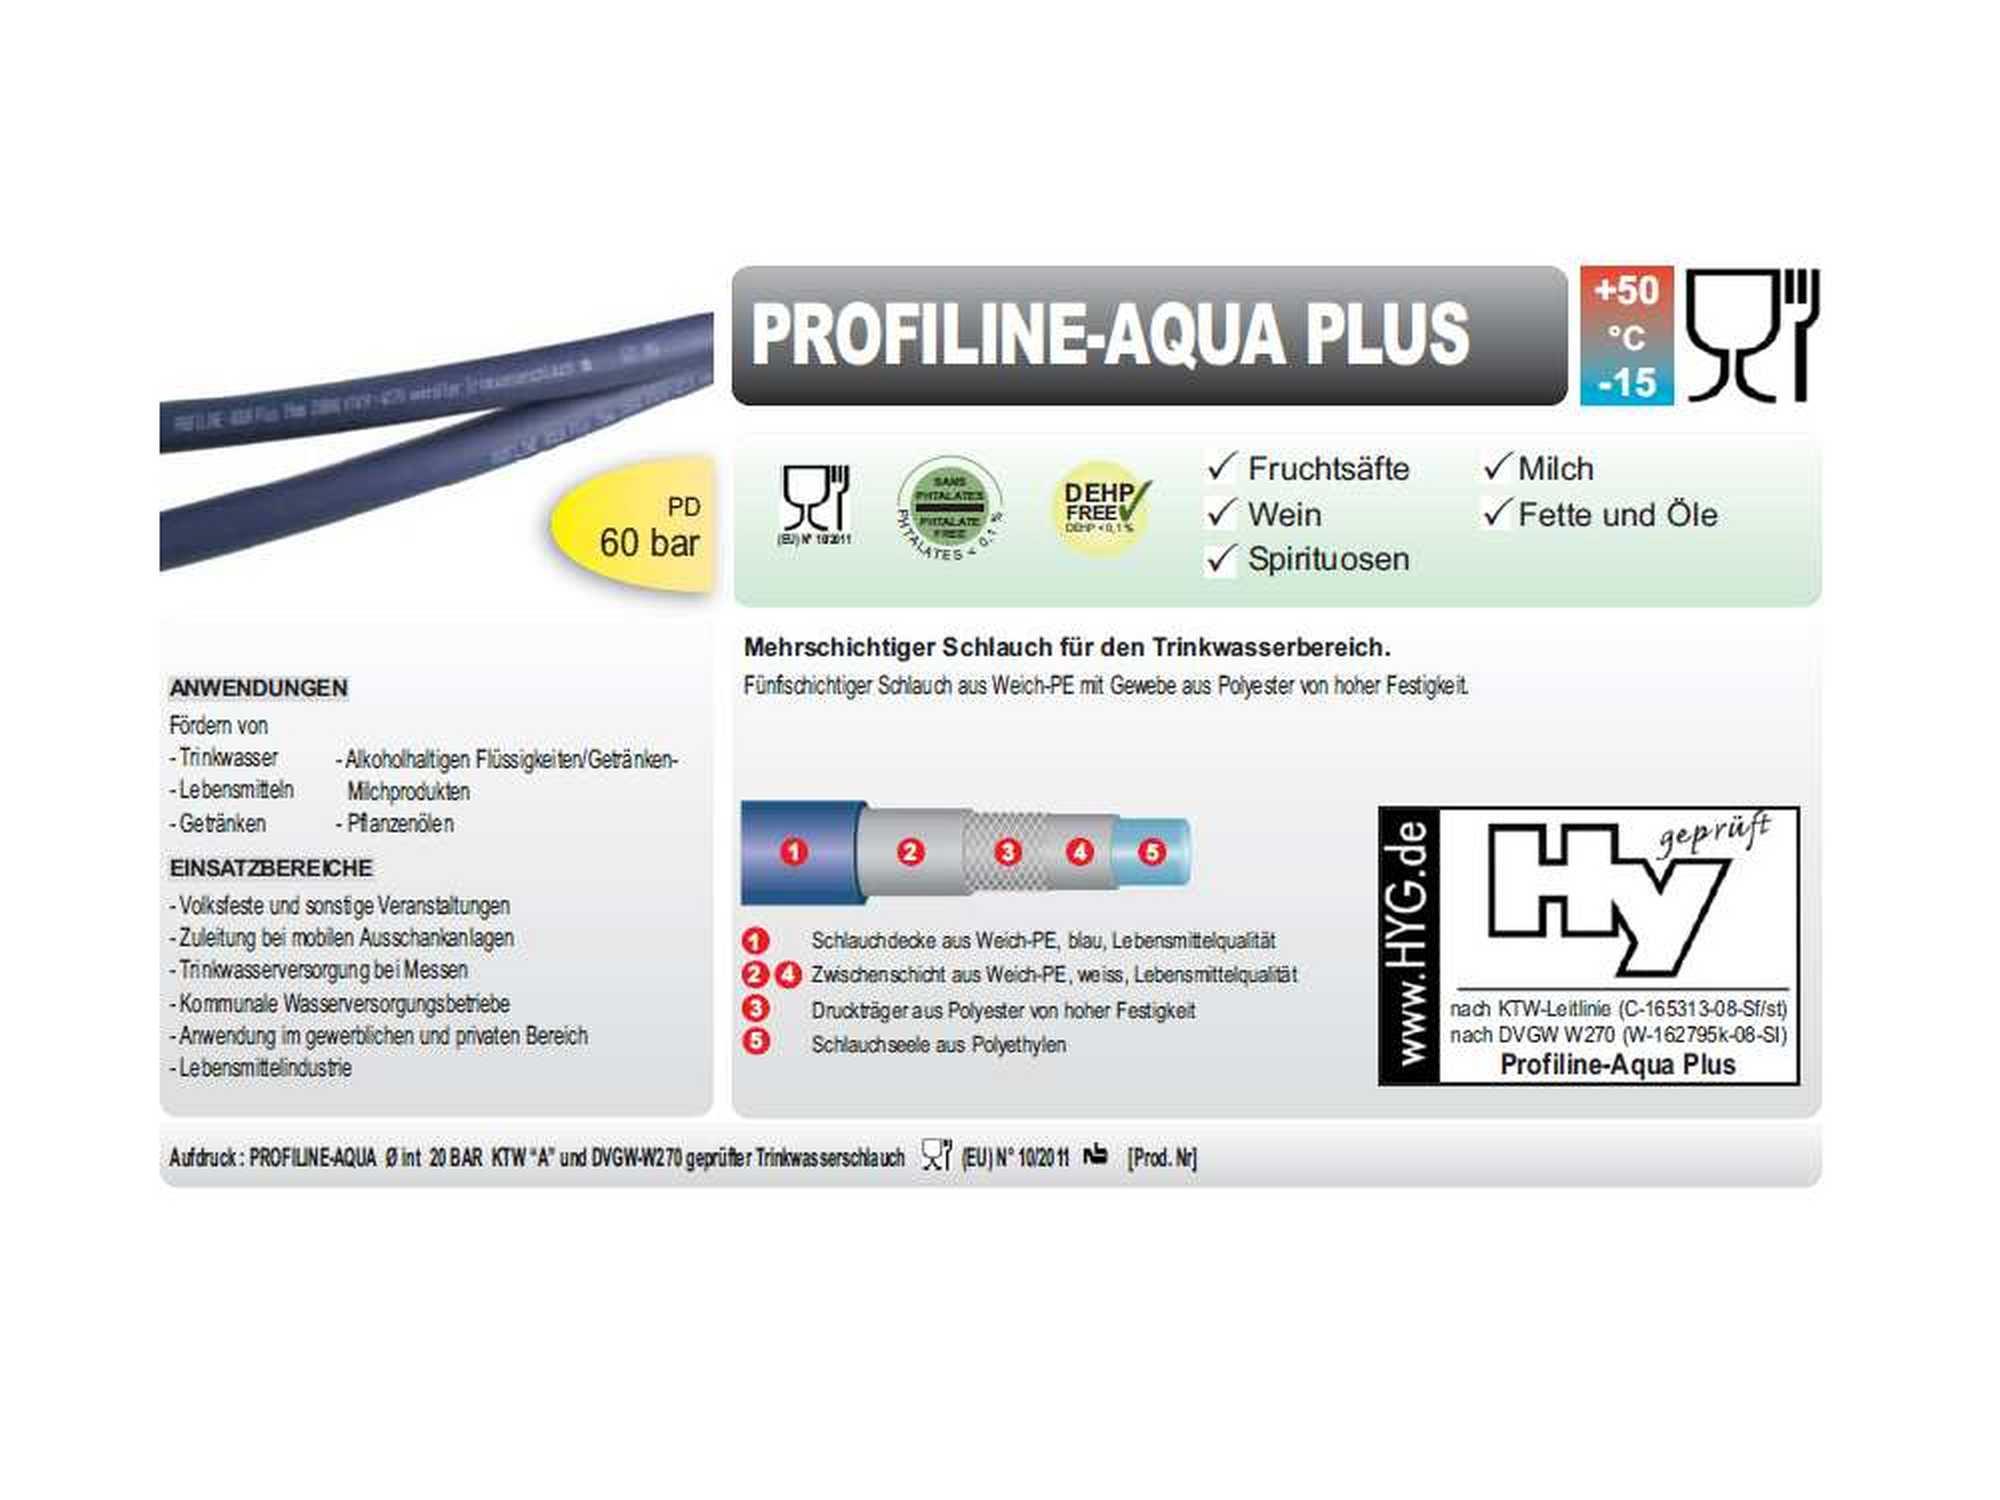 Trinkwasserschlauch Profiline Aqua Plus komplett mit GEKA plus Schnellkupplungen montiert von Schläuche24